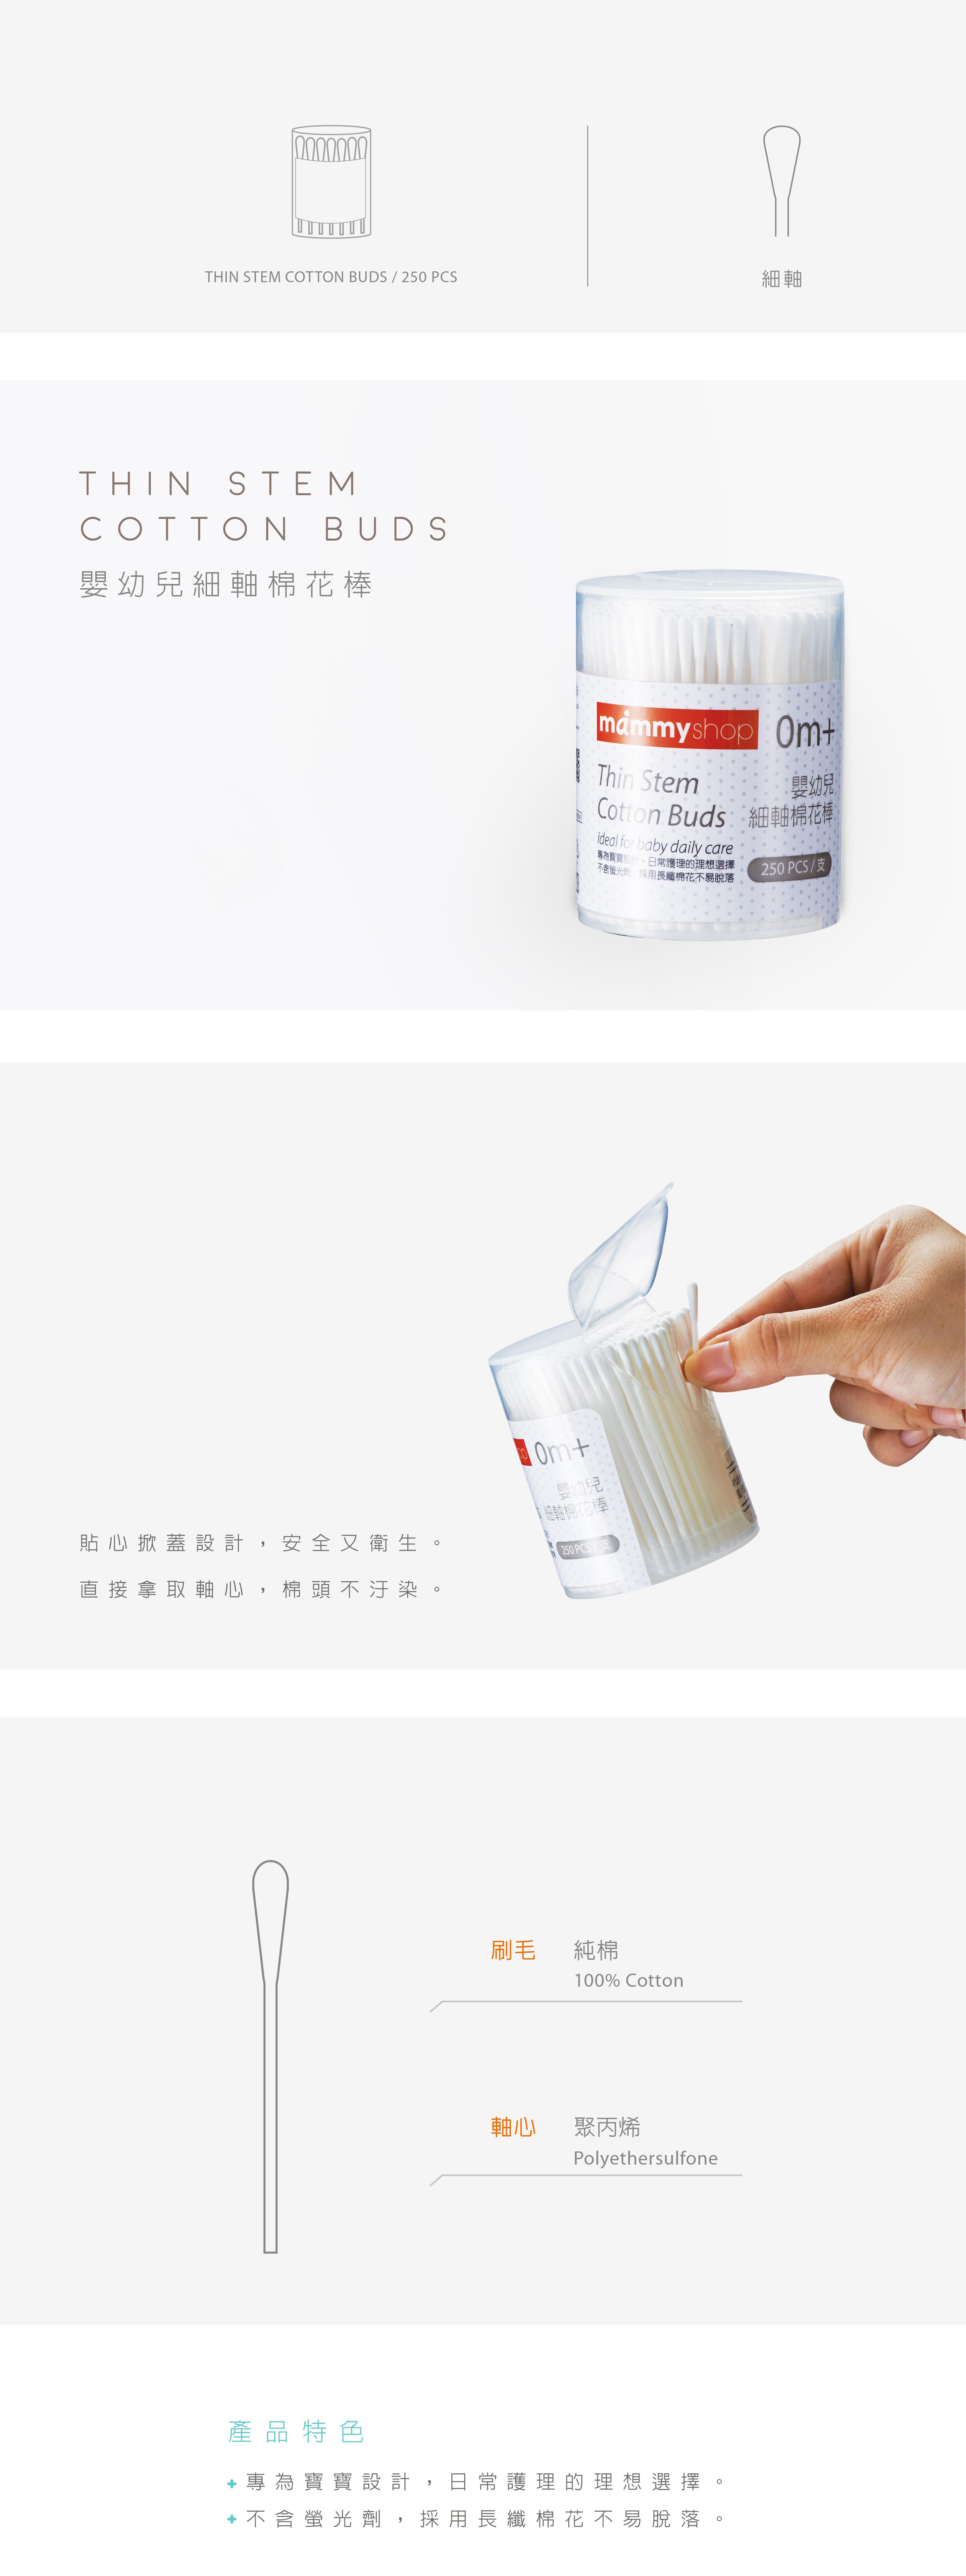 棉花棒-細軸-商品介紹